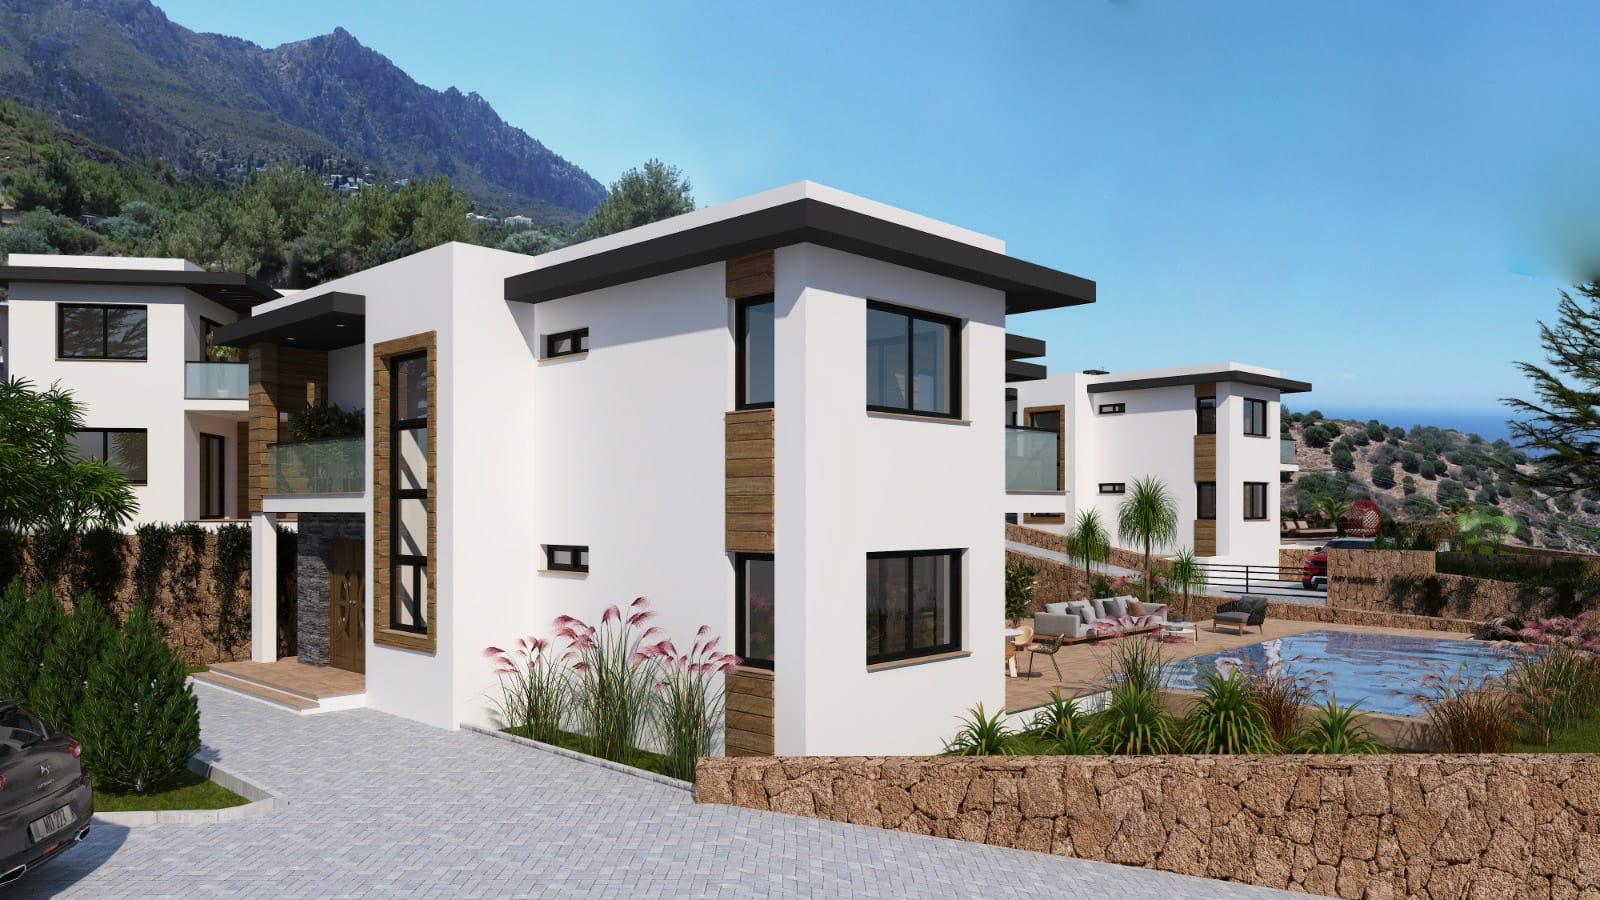 Karmi'de Satılık Lüks 4 Yatak Odalı Villa Projesi 9452